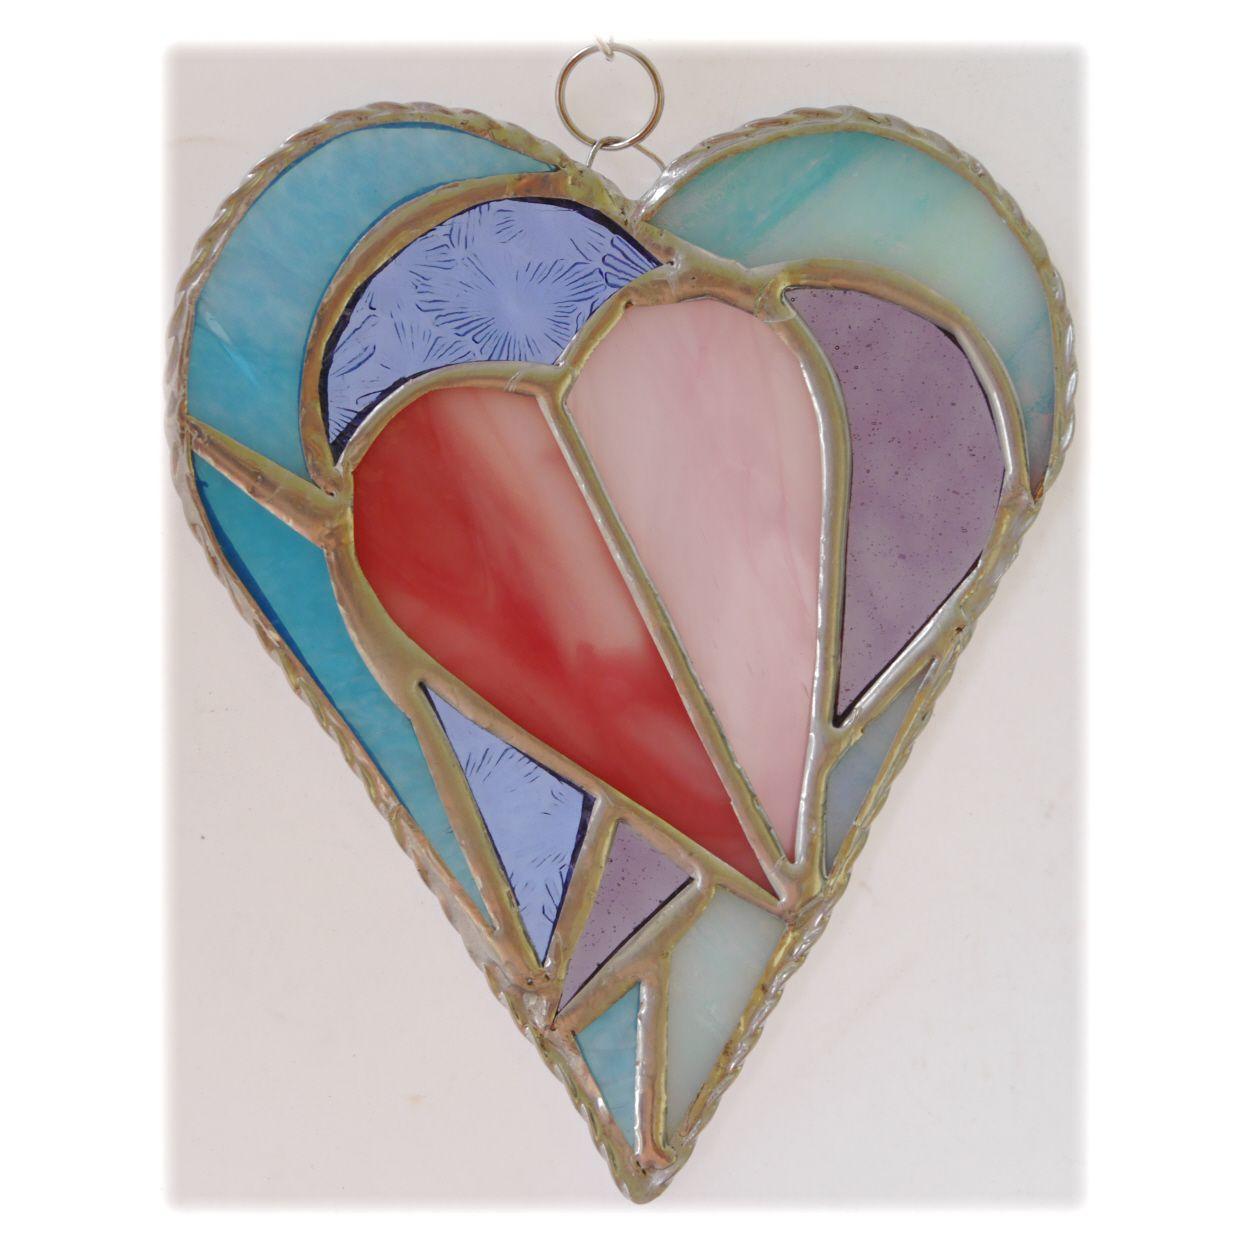 Triple Heart Pastel 003 #1903 FREE 16.00